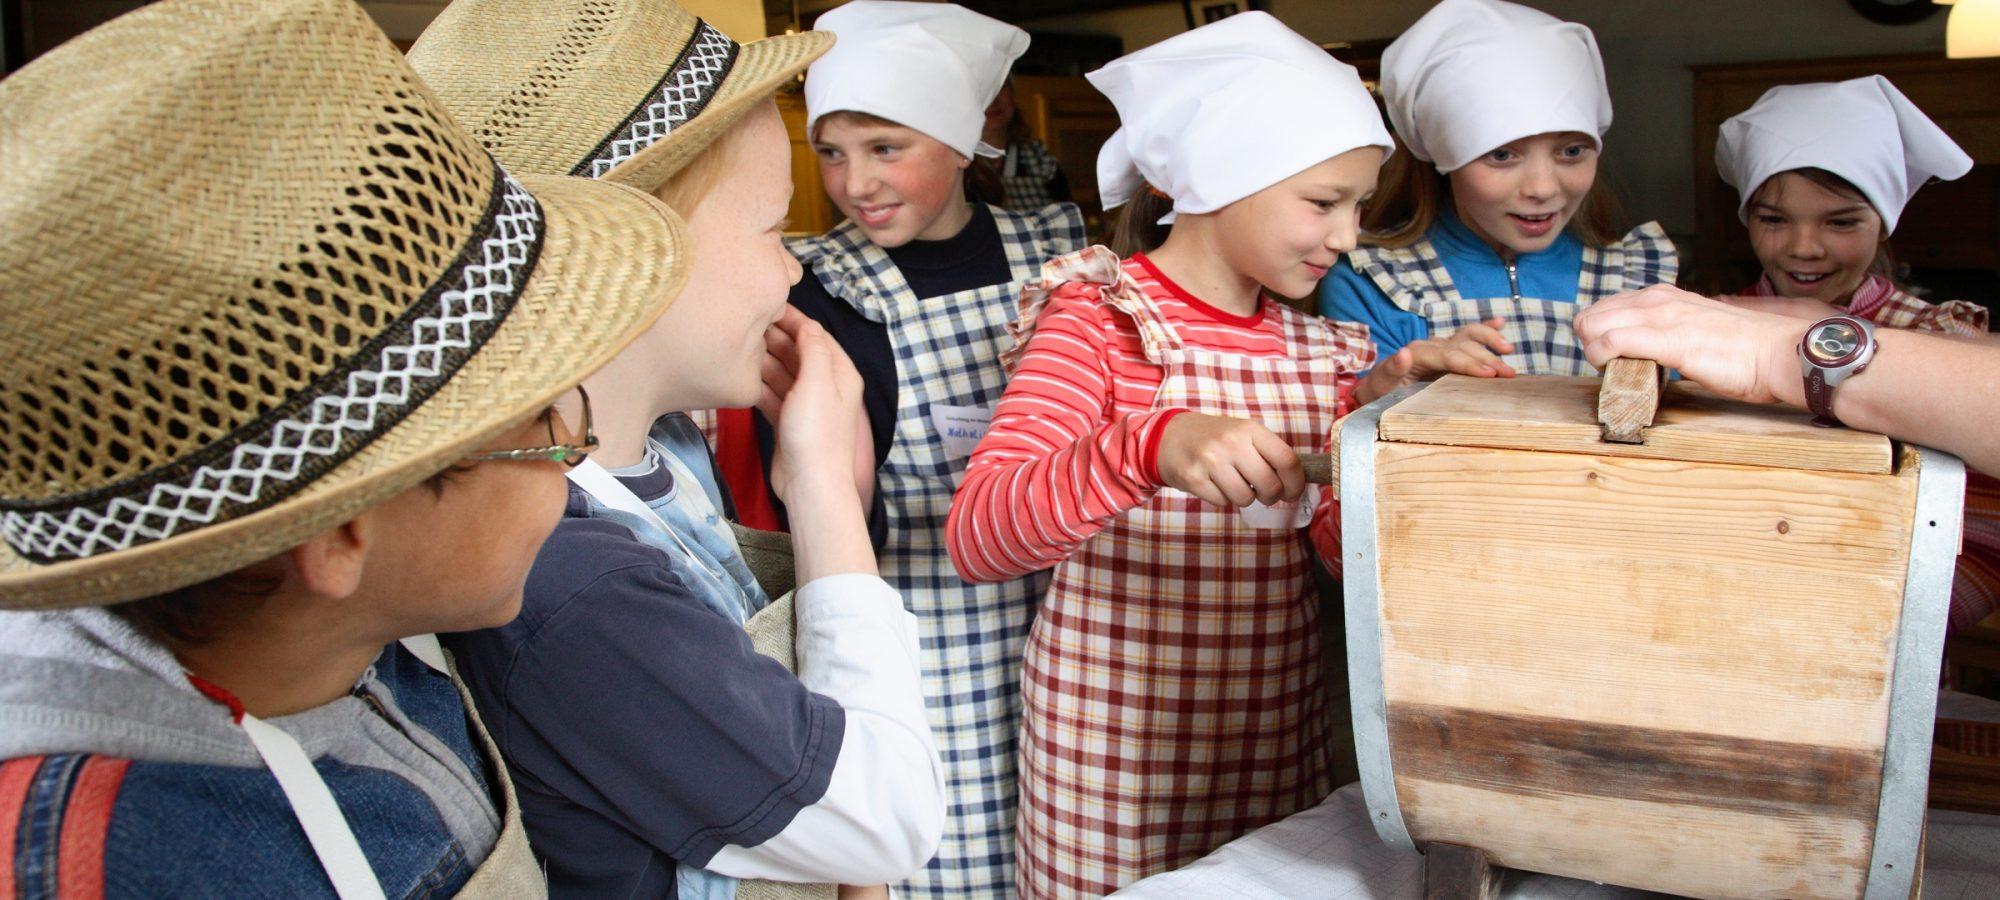 Kinder beim Butterrühren im Freilichtmuseum